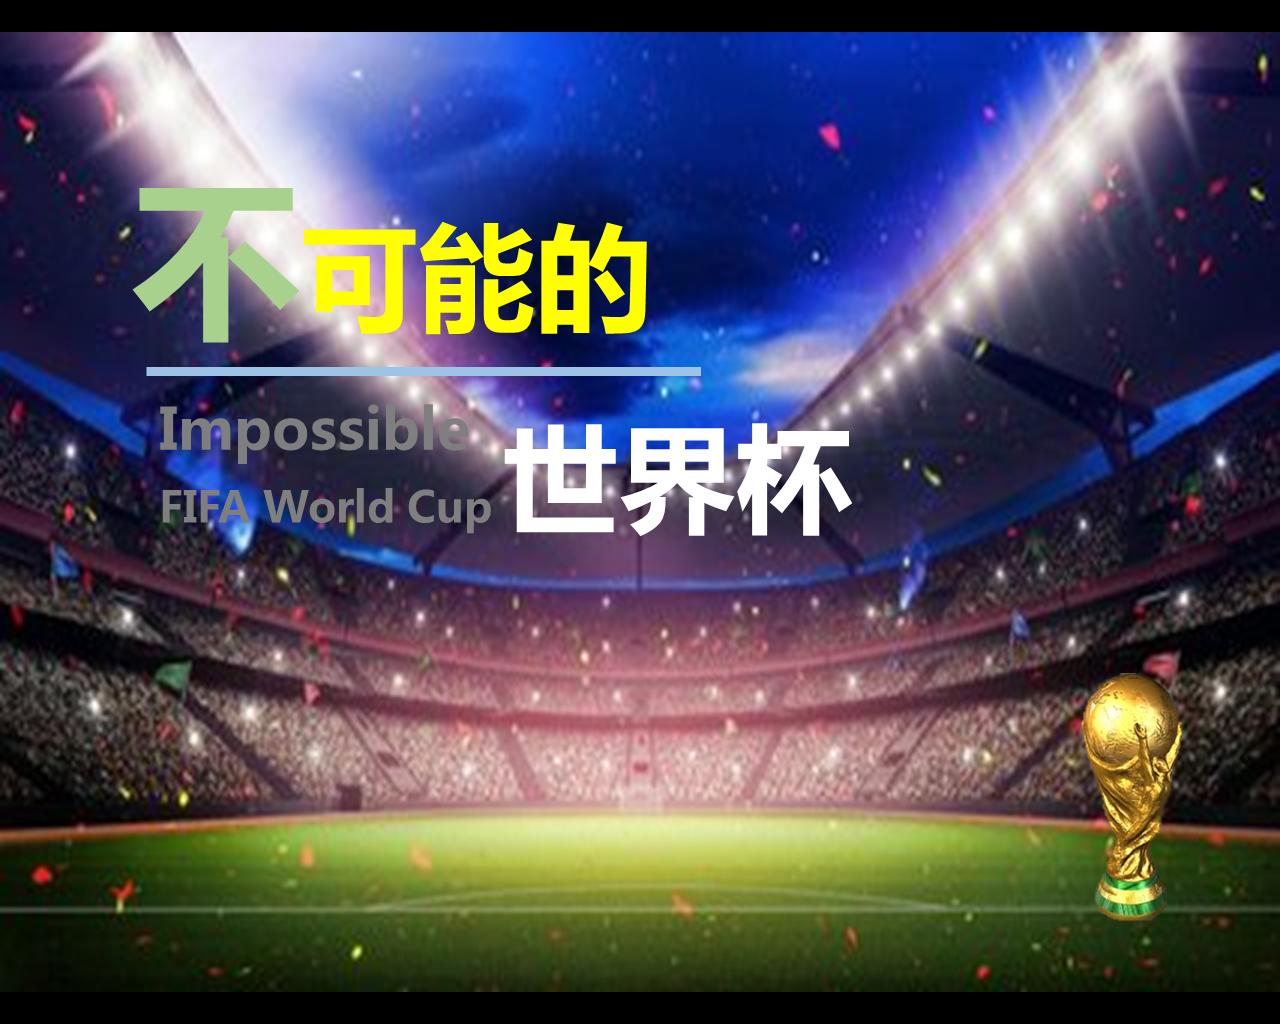 不可能的世界杯